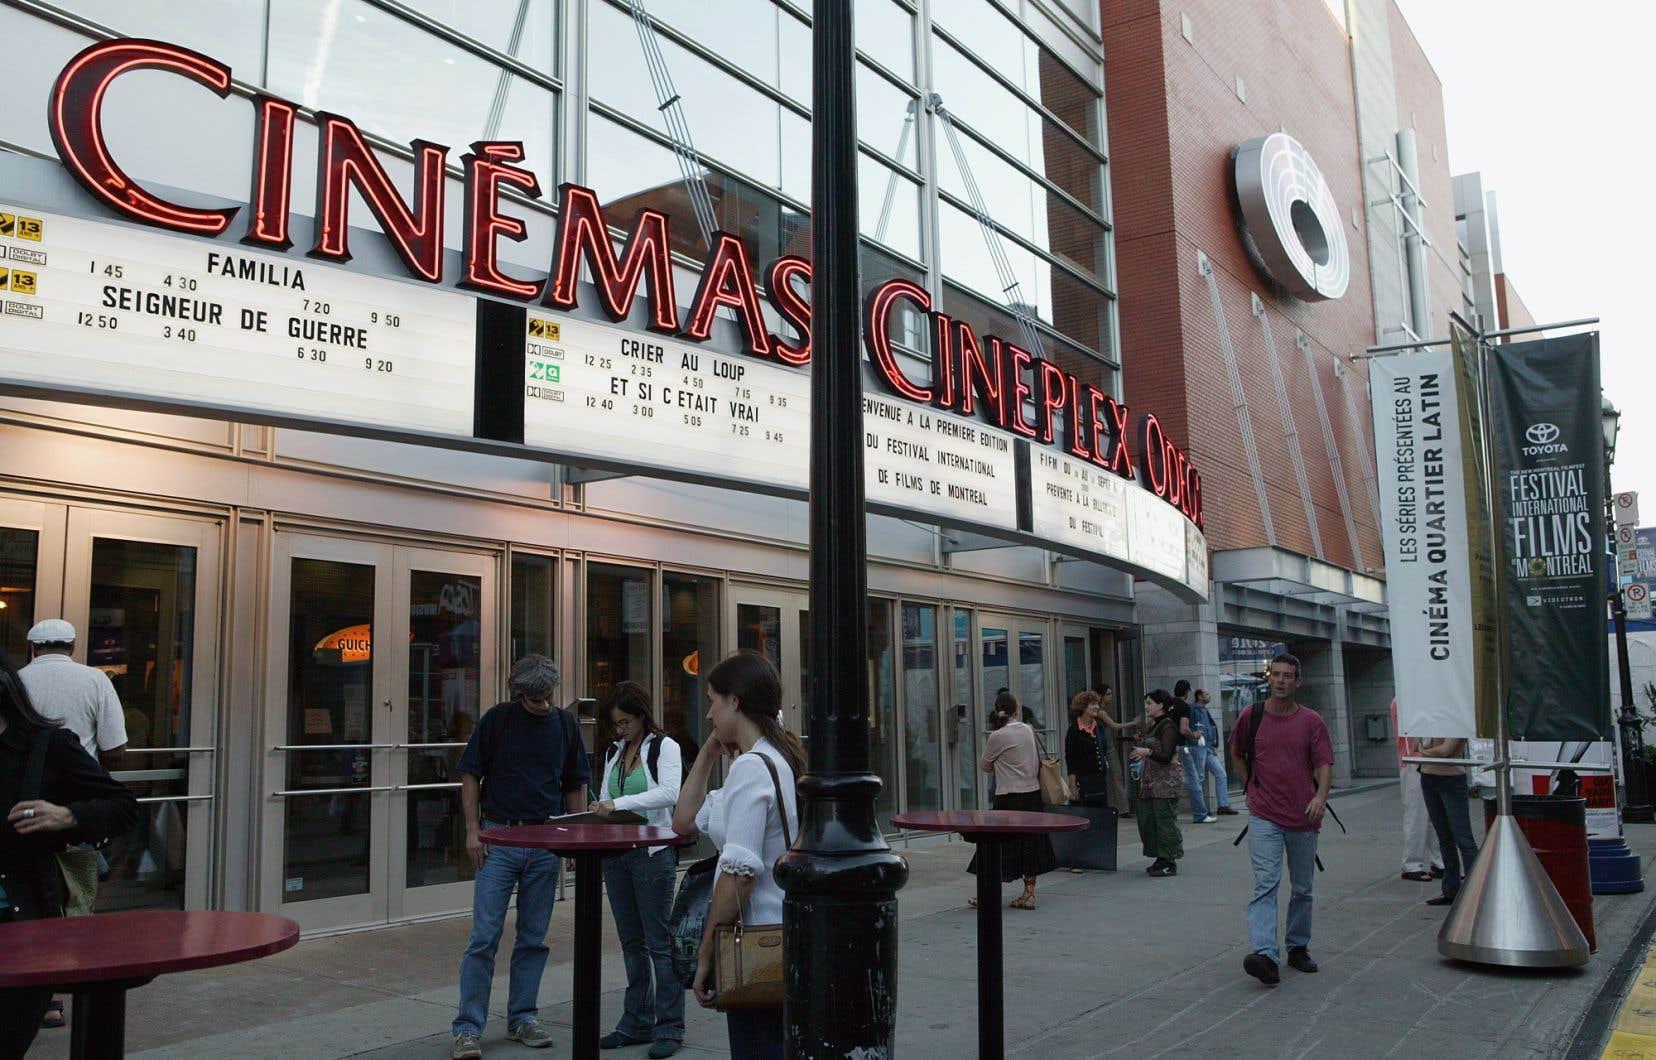 Le géant Cineplex a annoncé la réouverture graduelle de ses salles partout au pays à partir du 26juin, en commençant par l'Alberta.